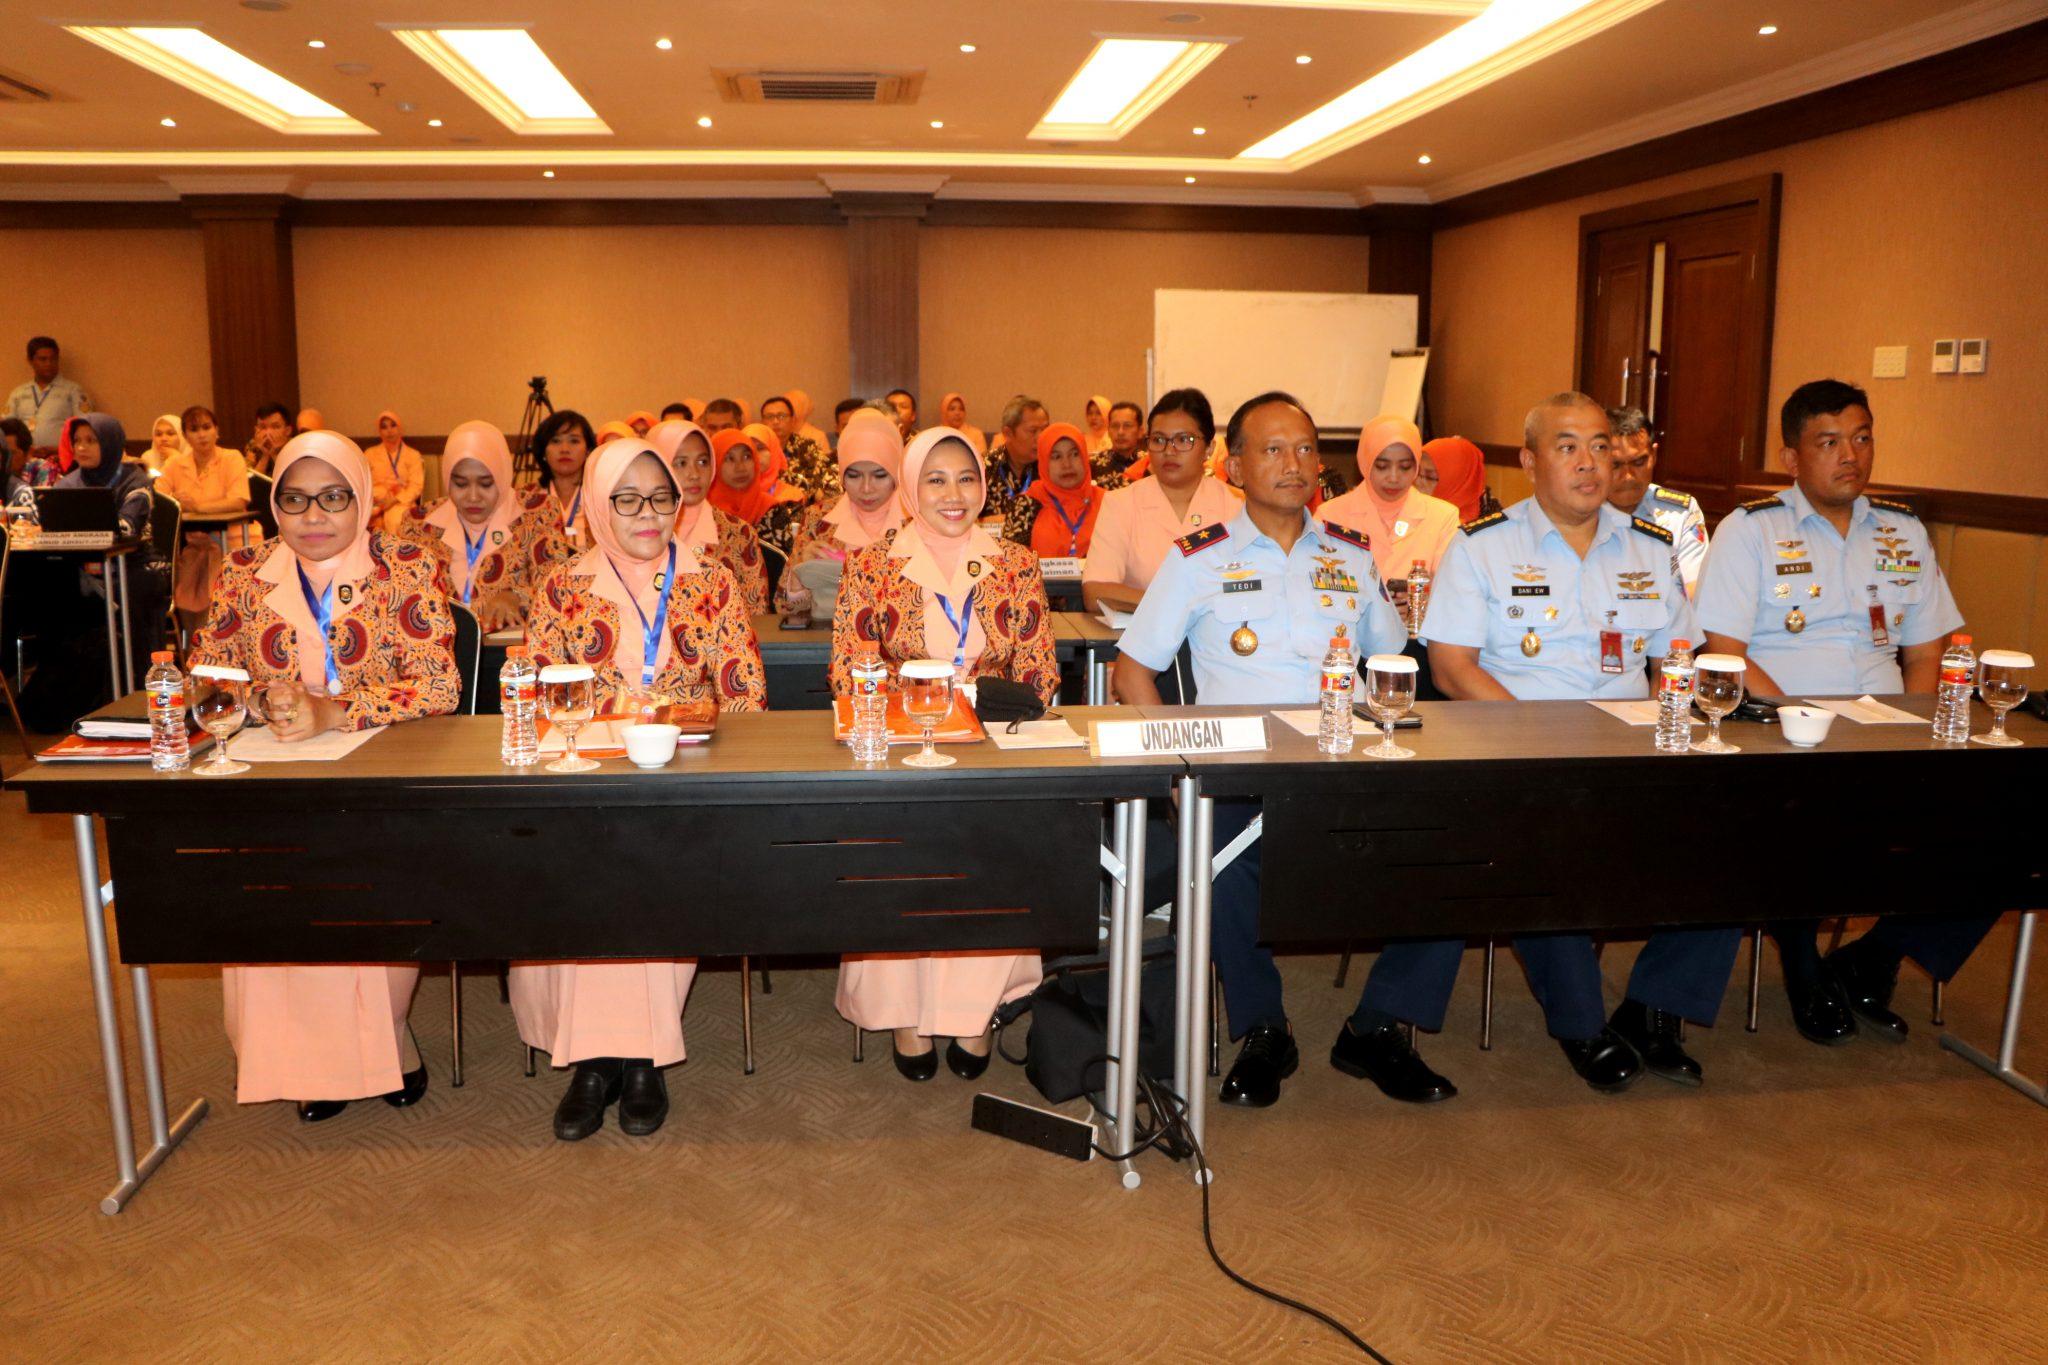 Yasarini Cabang Lanud Adisutjipto Selenggarakan Workshop Peningkatan Mutu Sekolah Angkasa.